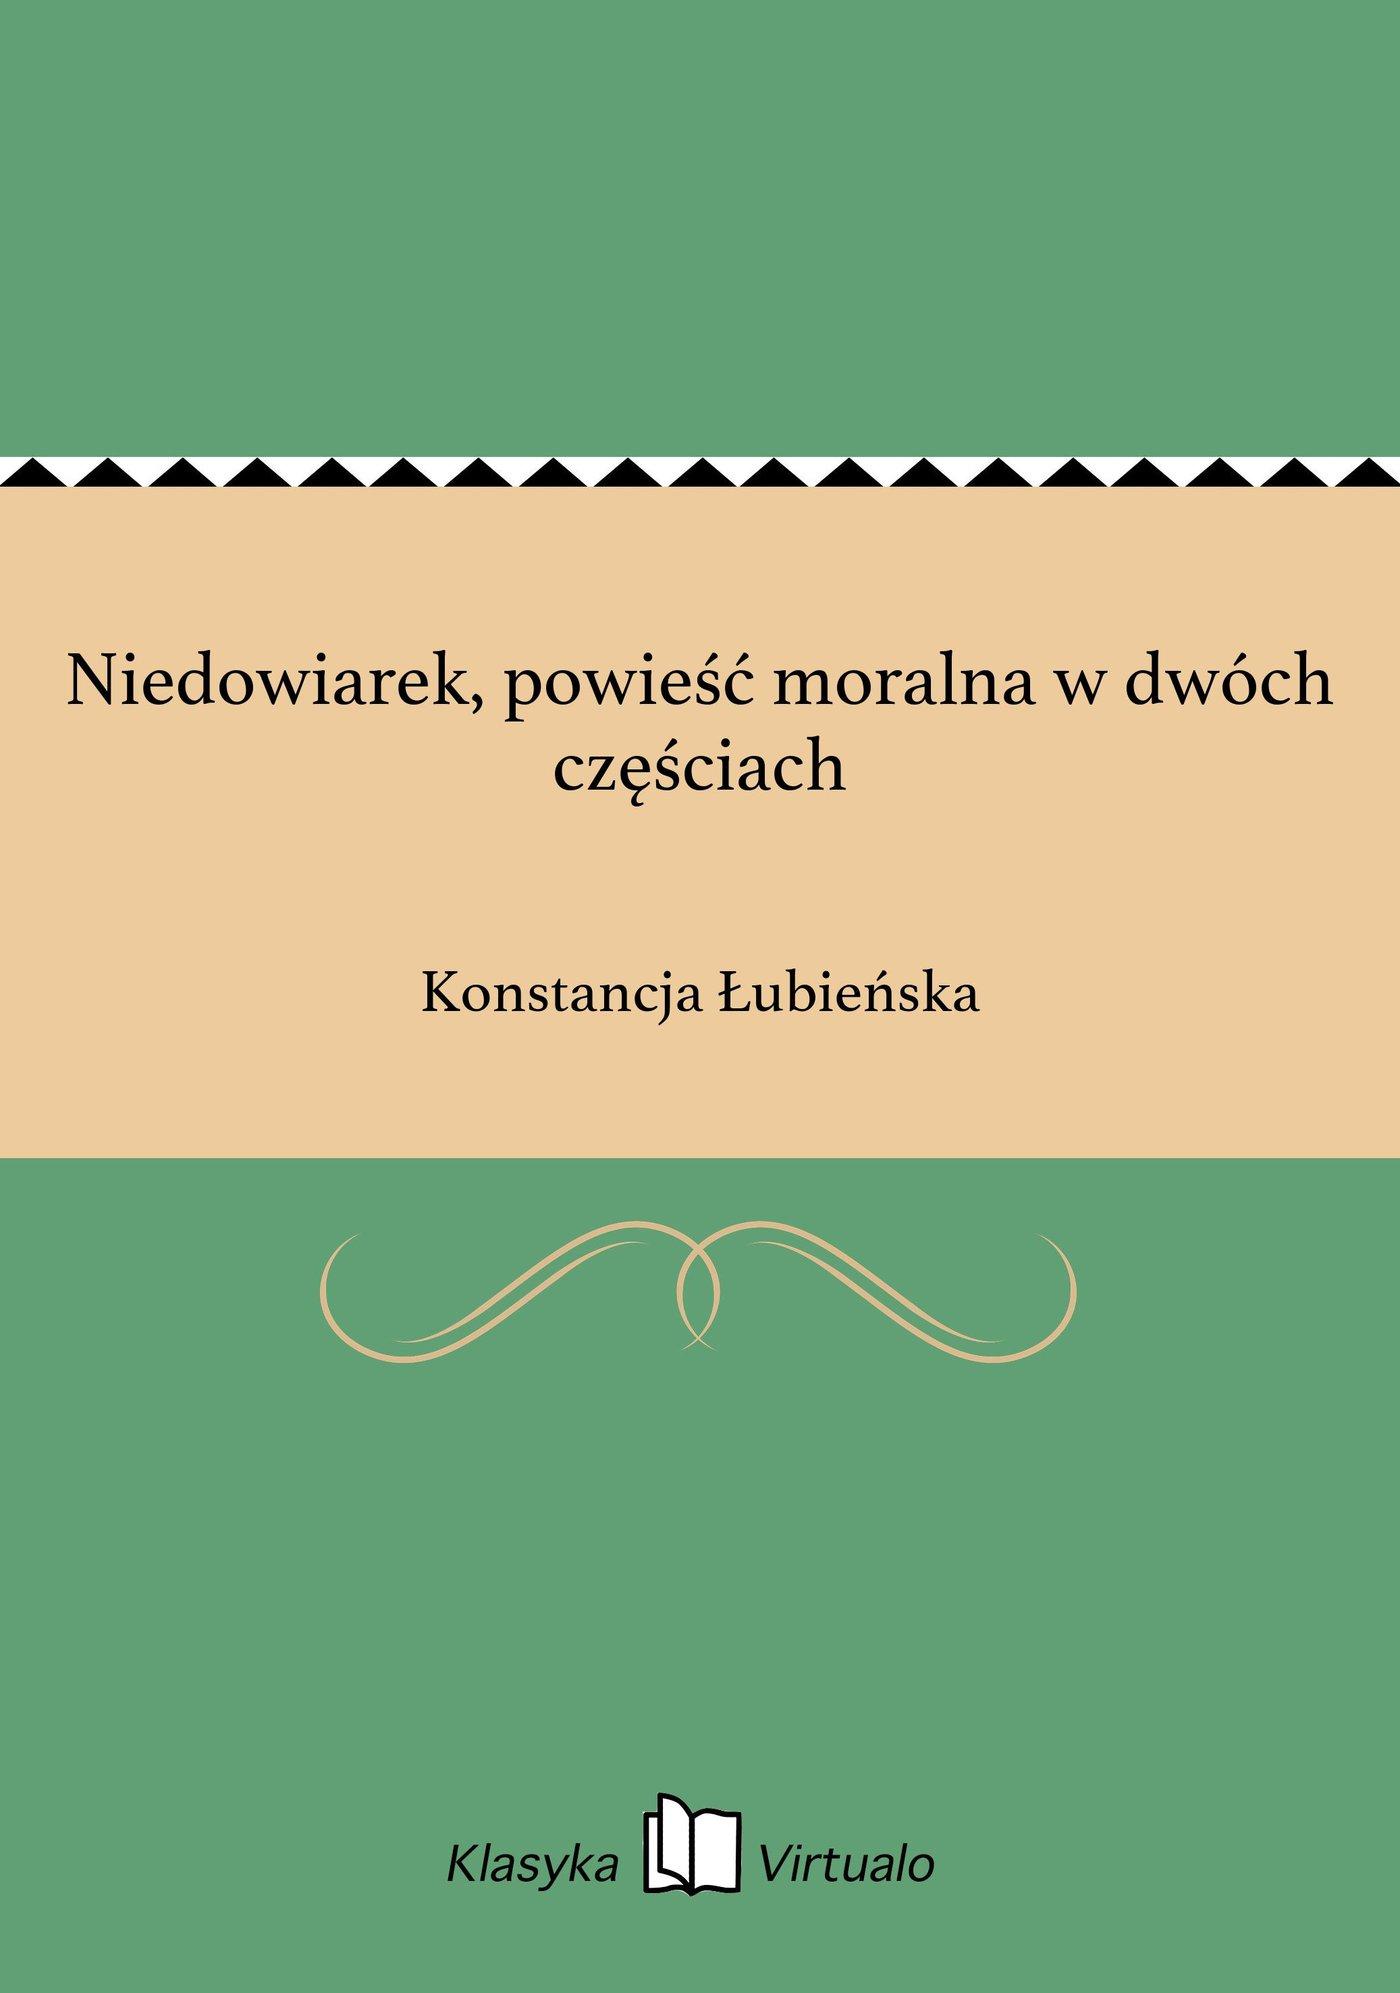 Niedowiarek, powieść moralna w dwóch częściach - Ebook (Książka EPUB) do pobrania w formacie EPUB